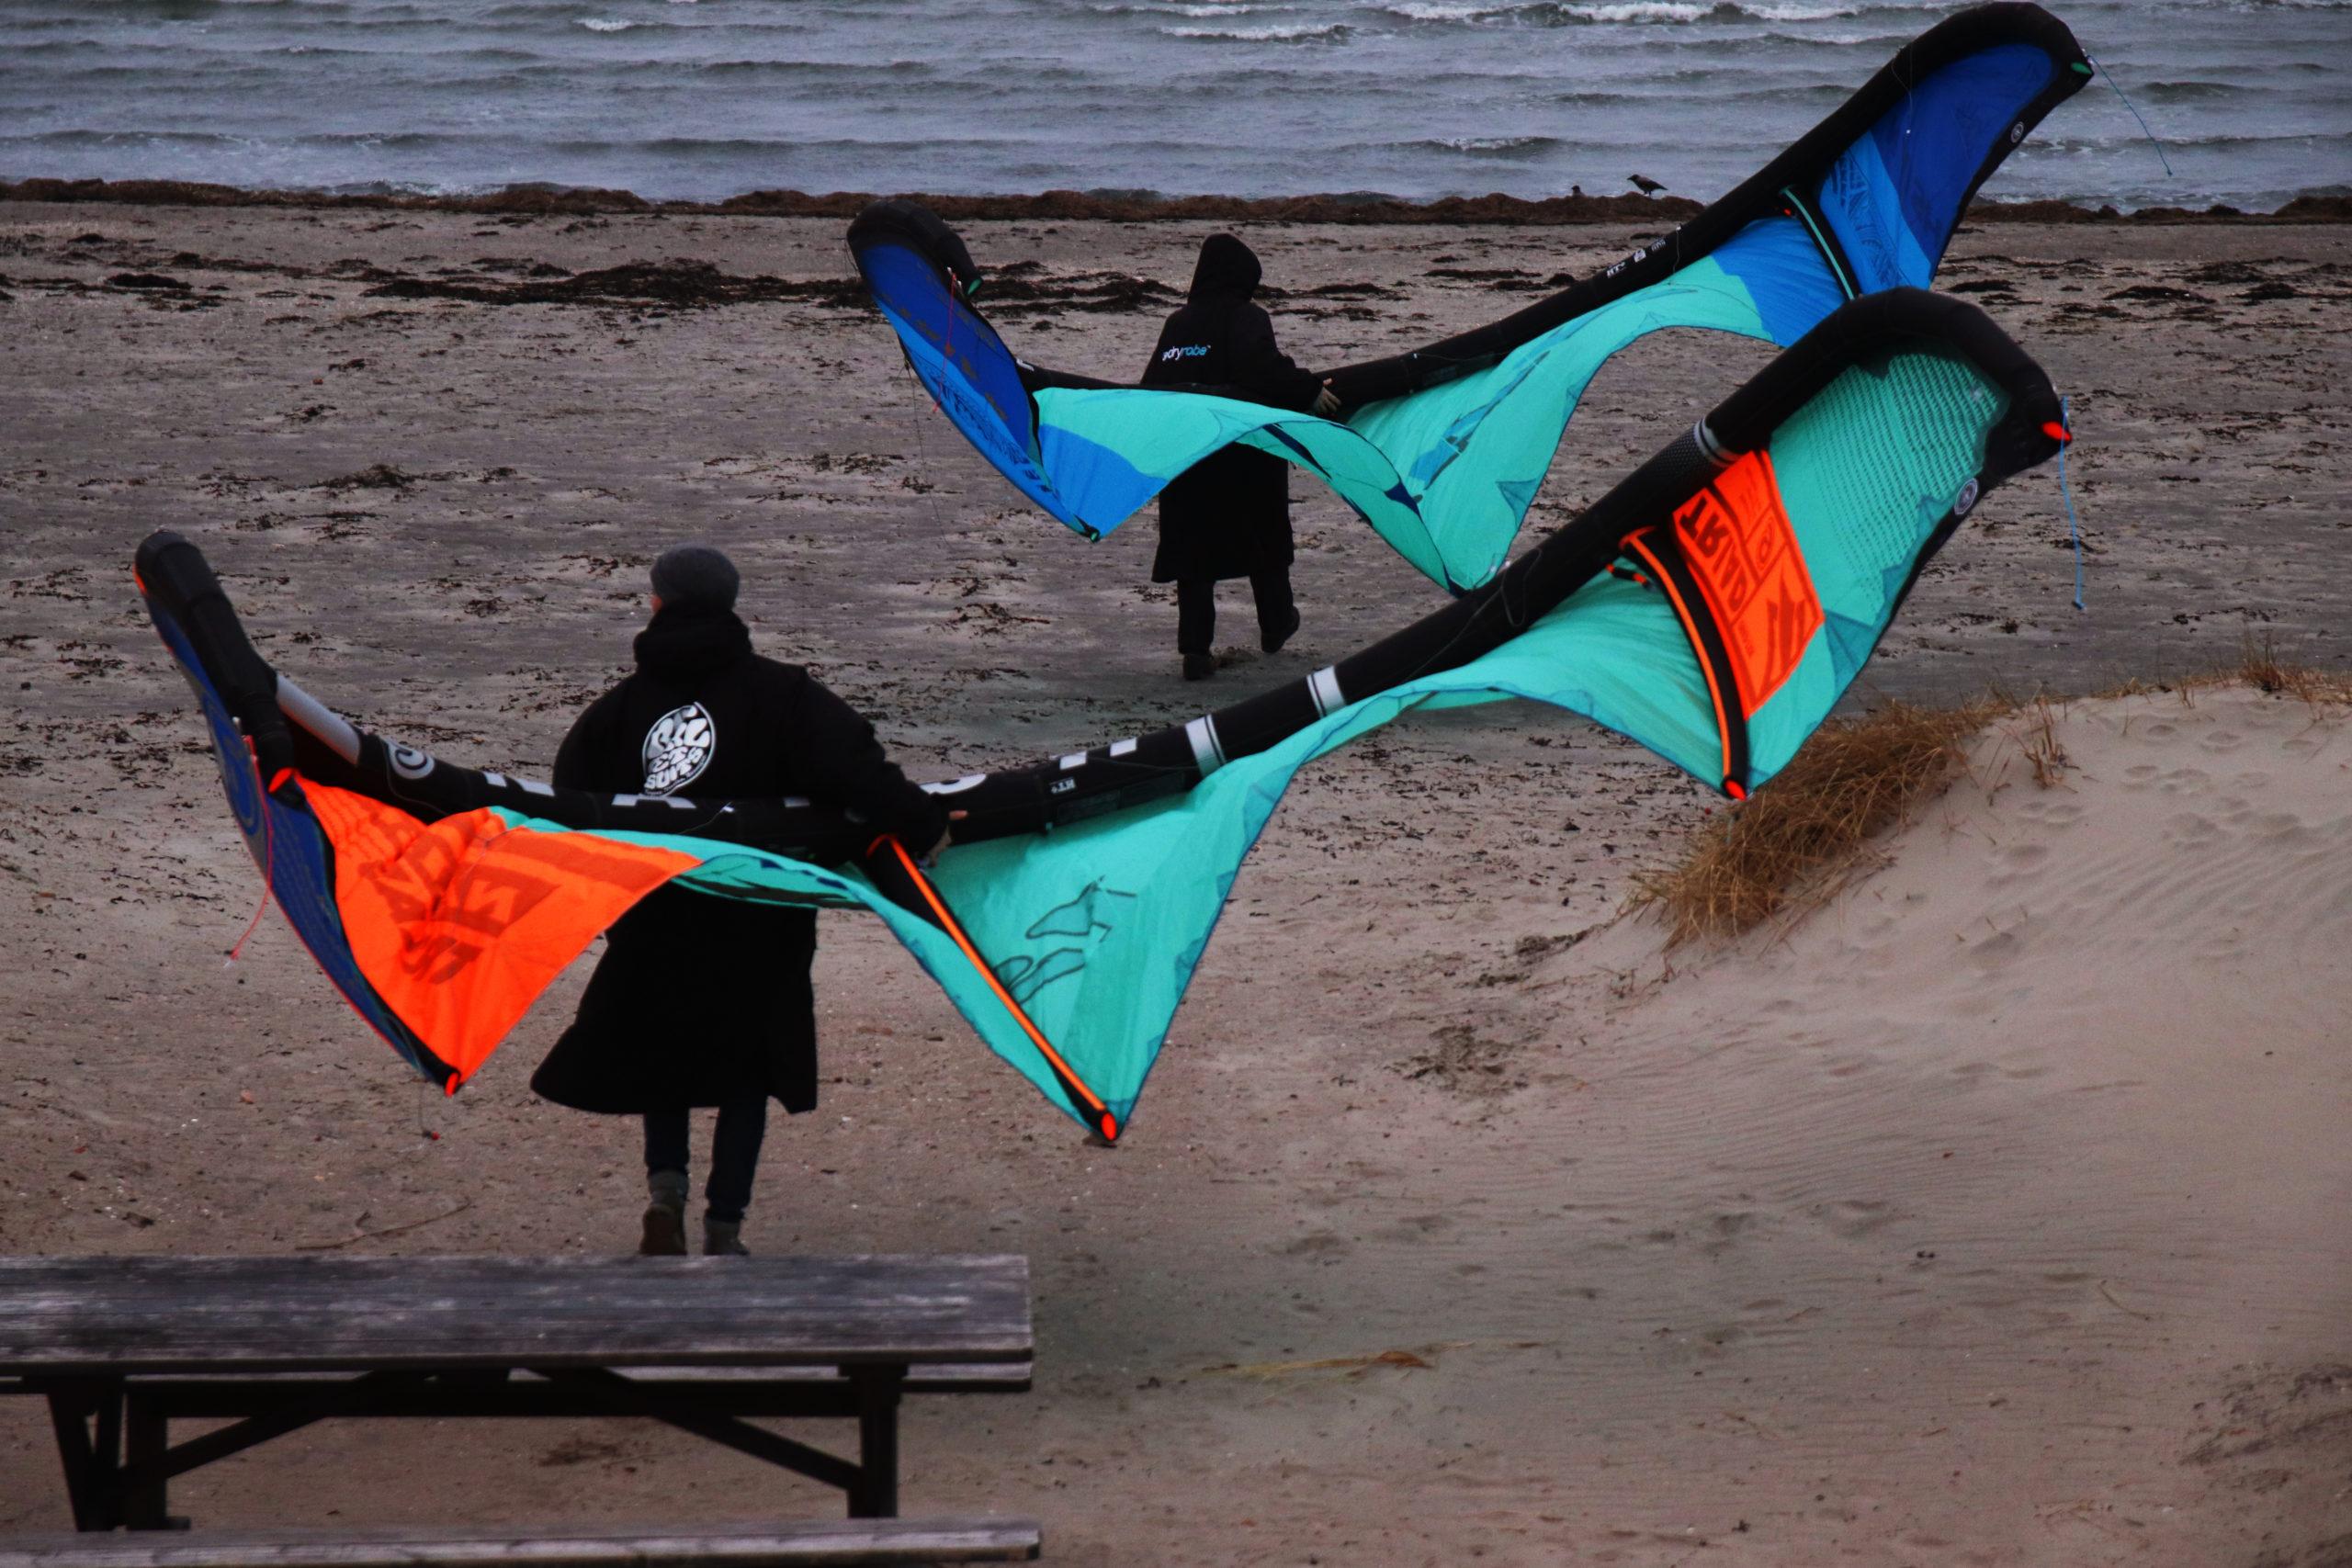 David Moretti och Oskar Hellsing på väg till stranden med sina kitedrakar.